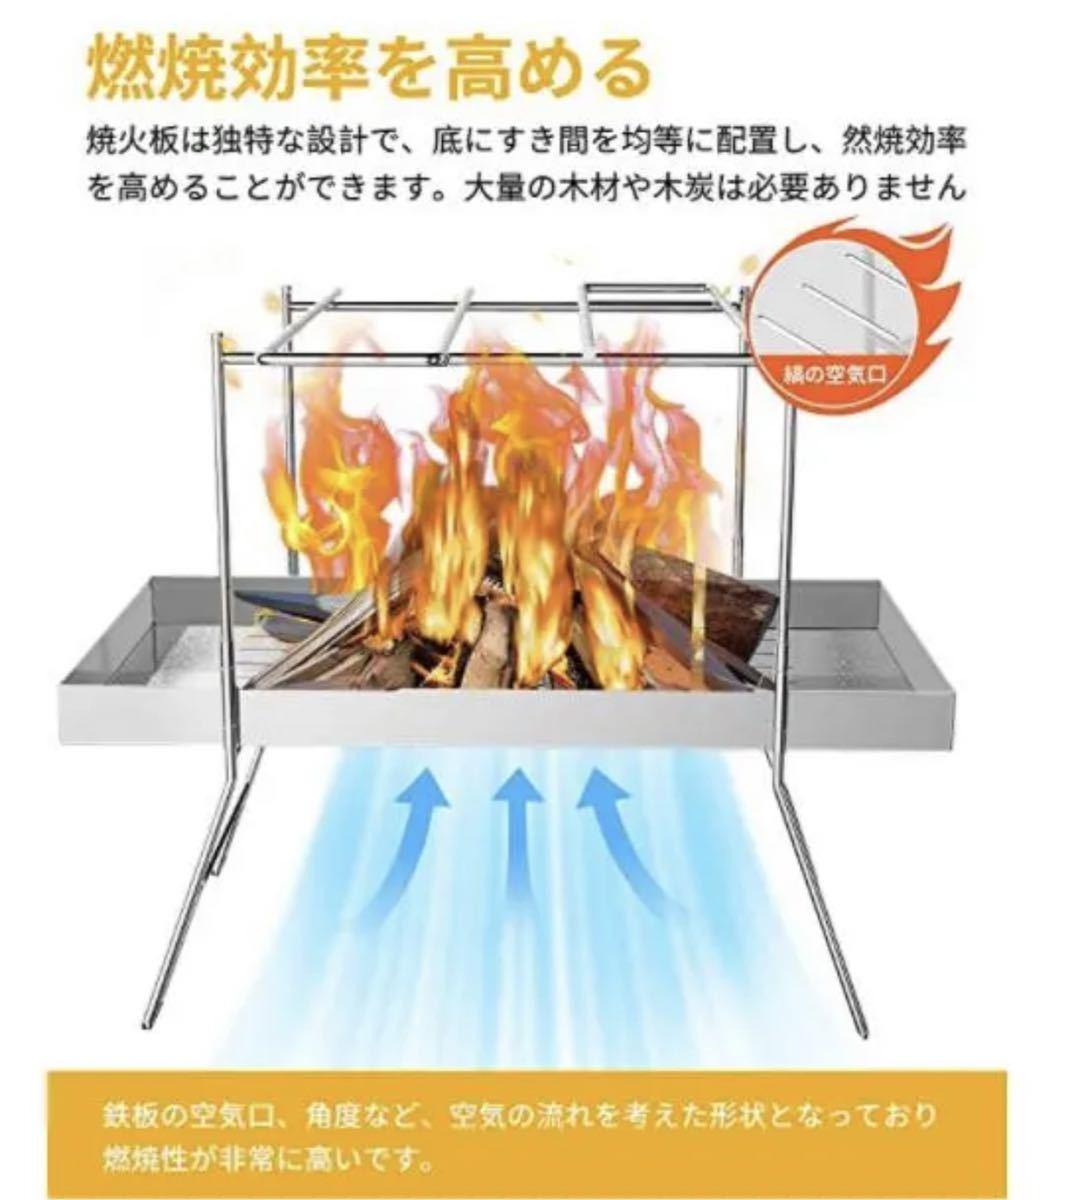 焚火台・BBQコンロキャンプ コンパクト 超軽量 折り畳み式